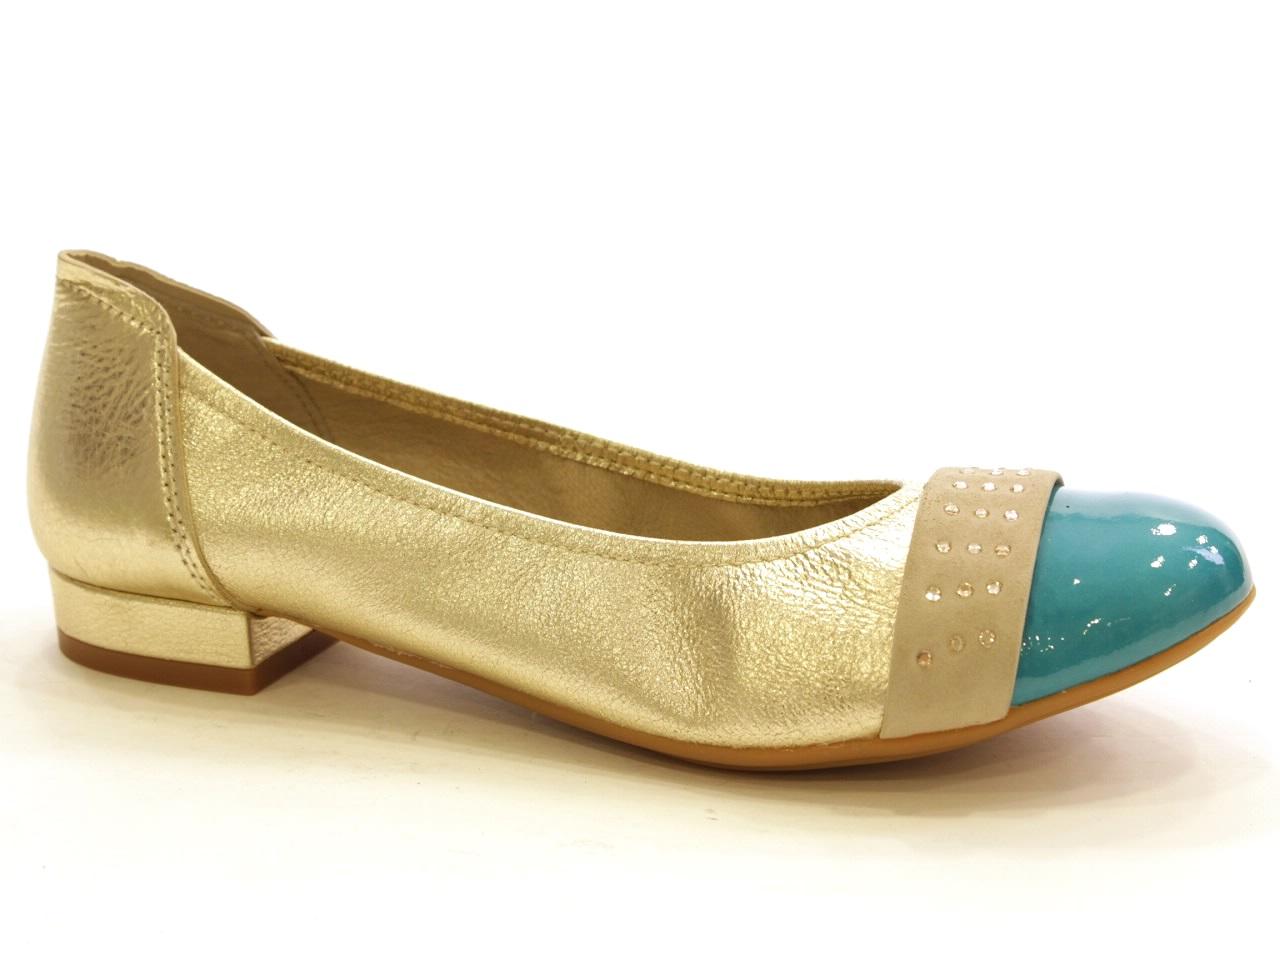 Zapatos Planos, Sabrinas, Mocassins Sabrinas - 445 34954